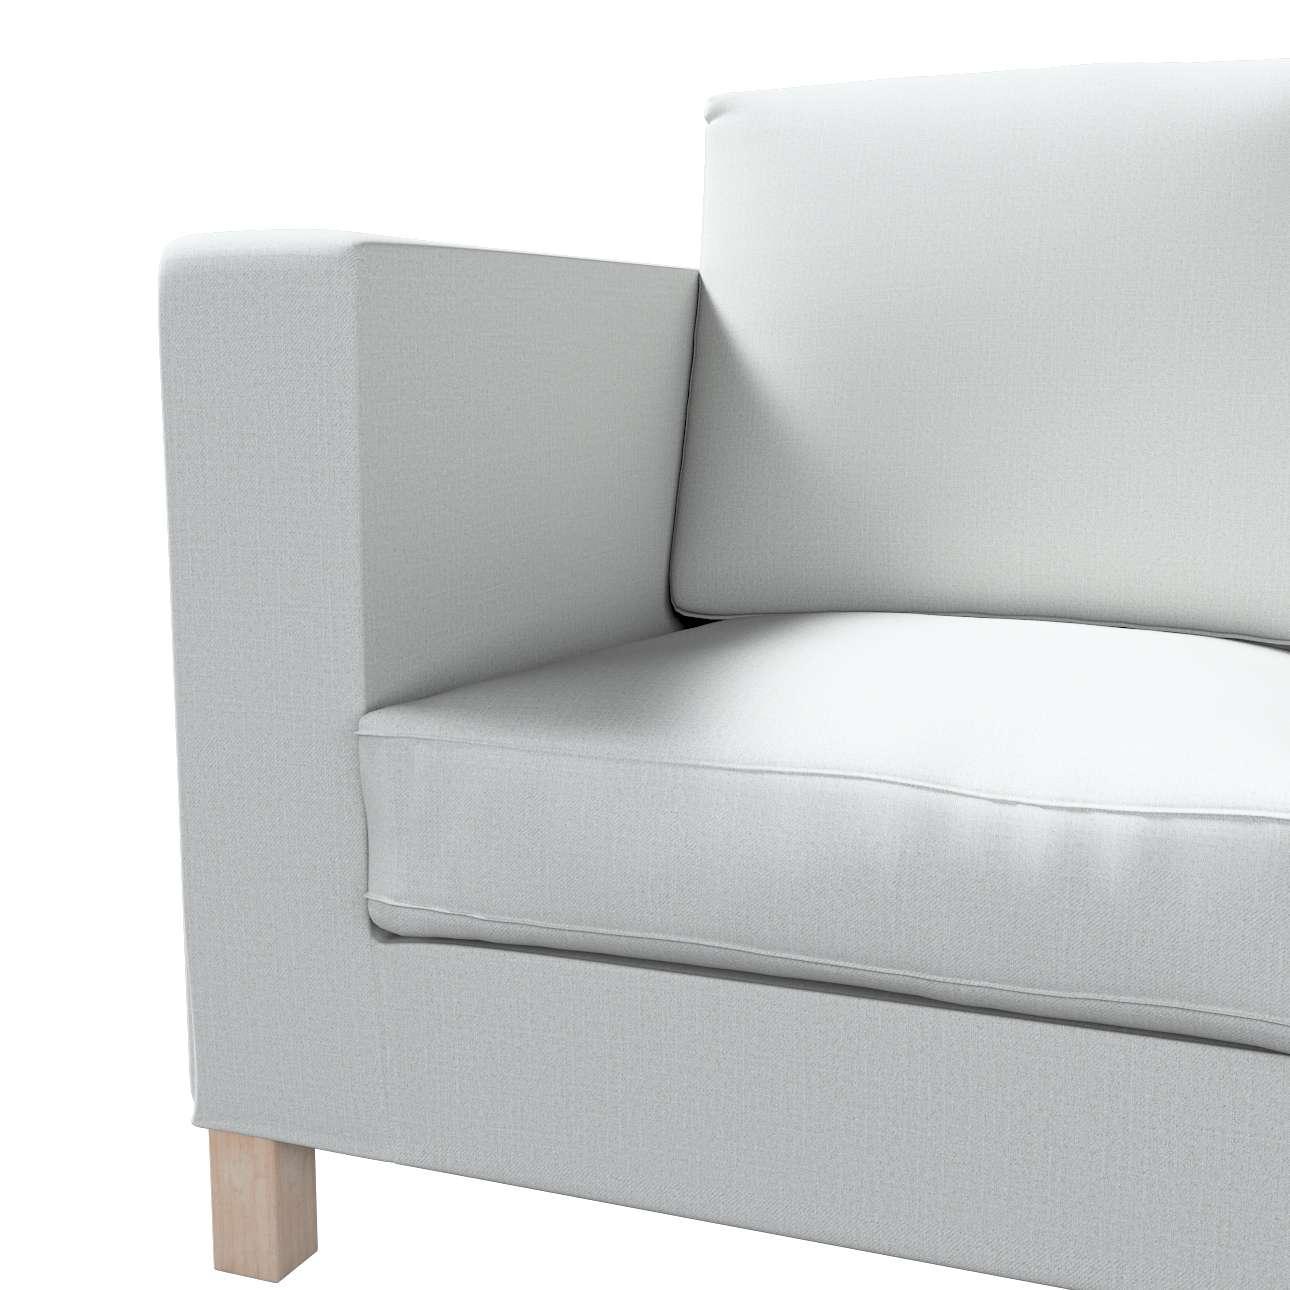 IKEA zitbankhoes/ overtrek voor Karlanda 3-zitsbank, kort van de collectie Living, Stof: 161-18